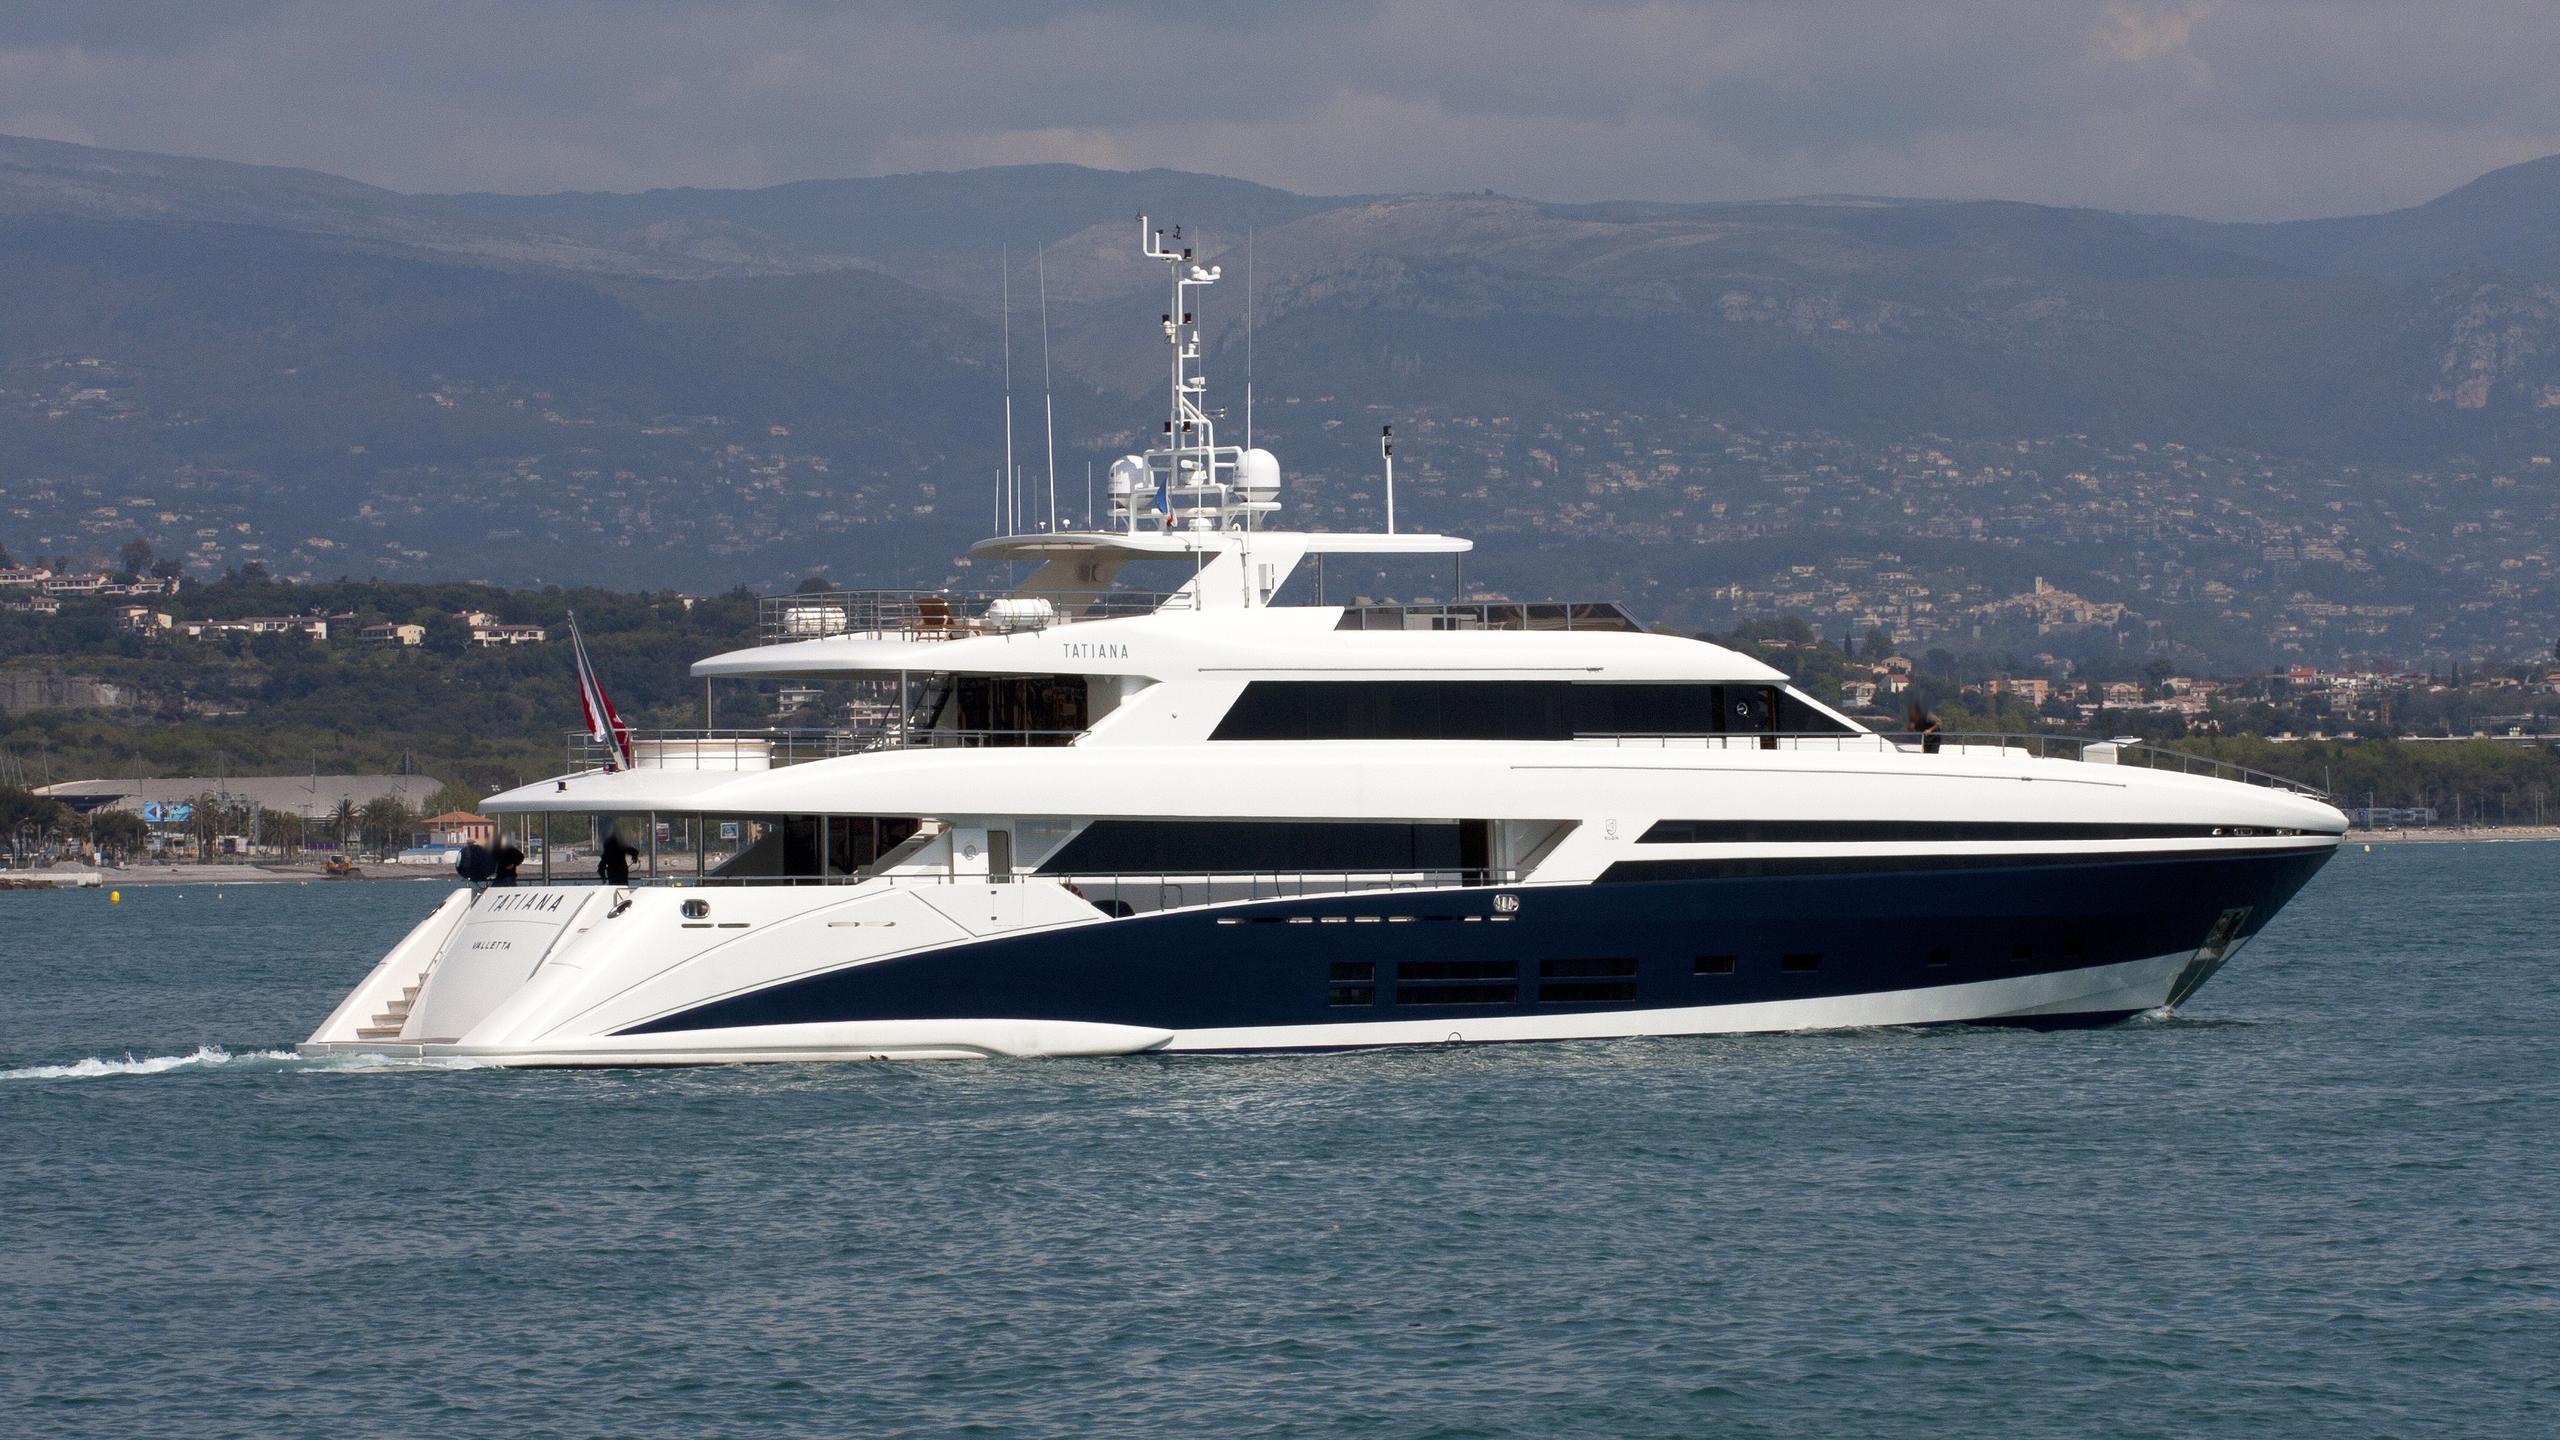 tatiana-yacht-exterior